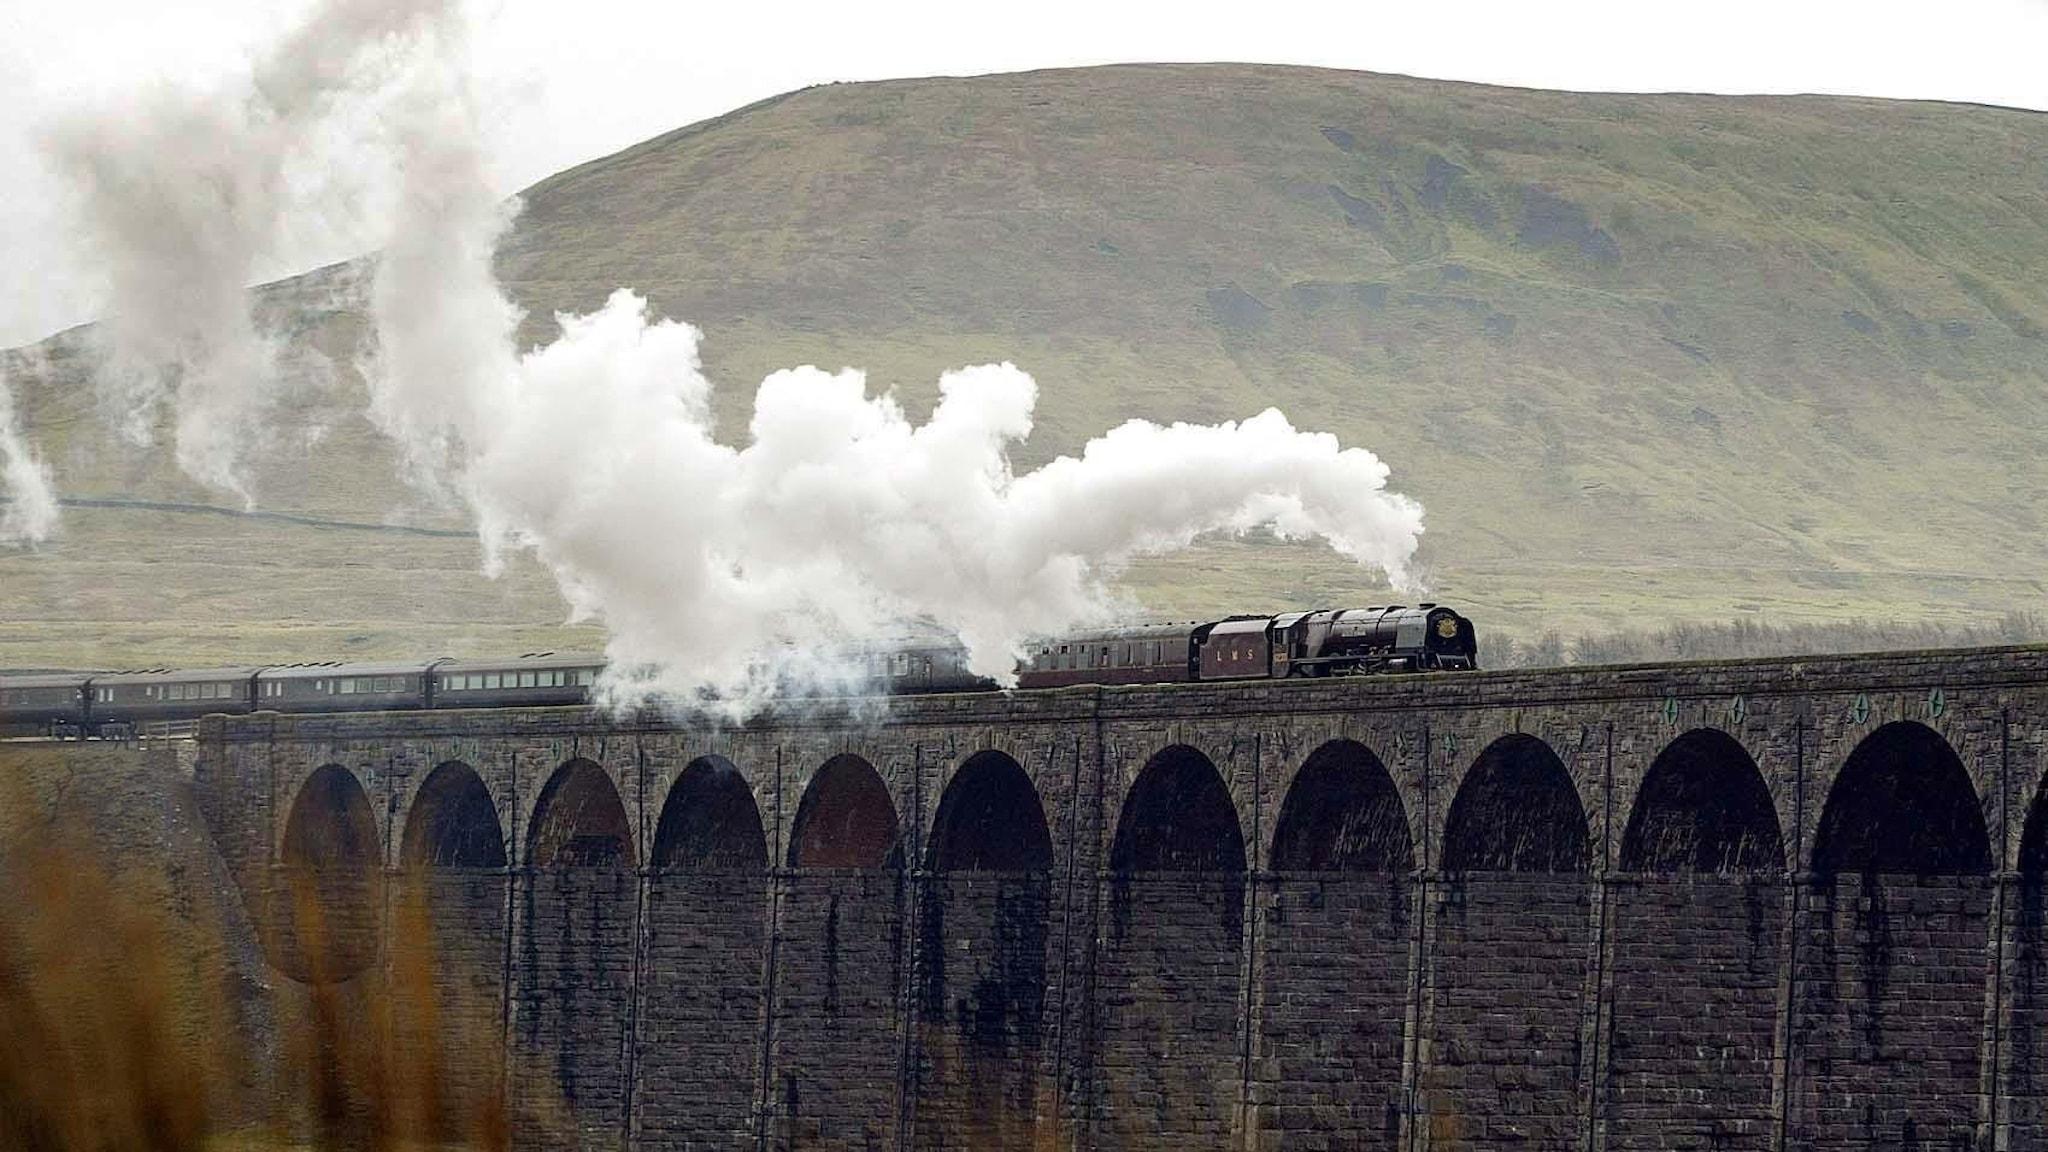 The Duchess of Sutherland, Englands kungliga tåg, korsar viadukten över Ribblehead i Yorkshire Dales National Park.